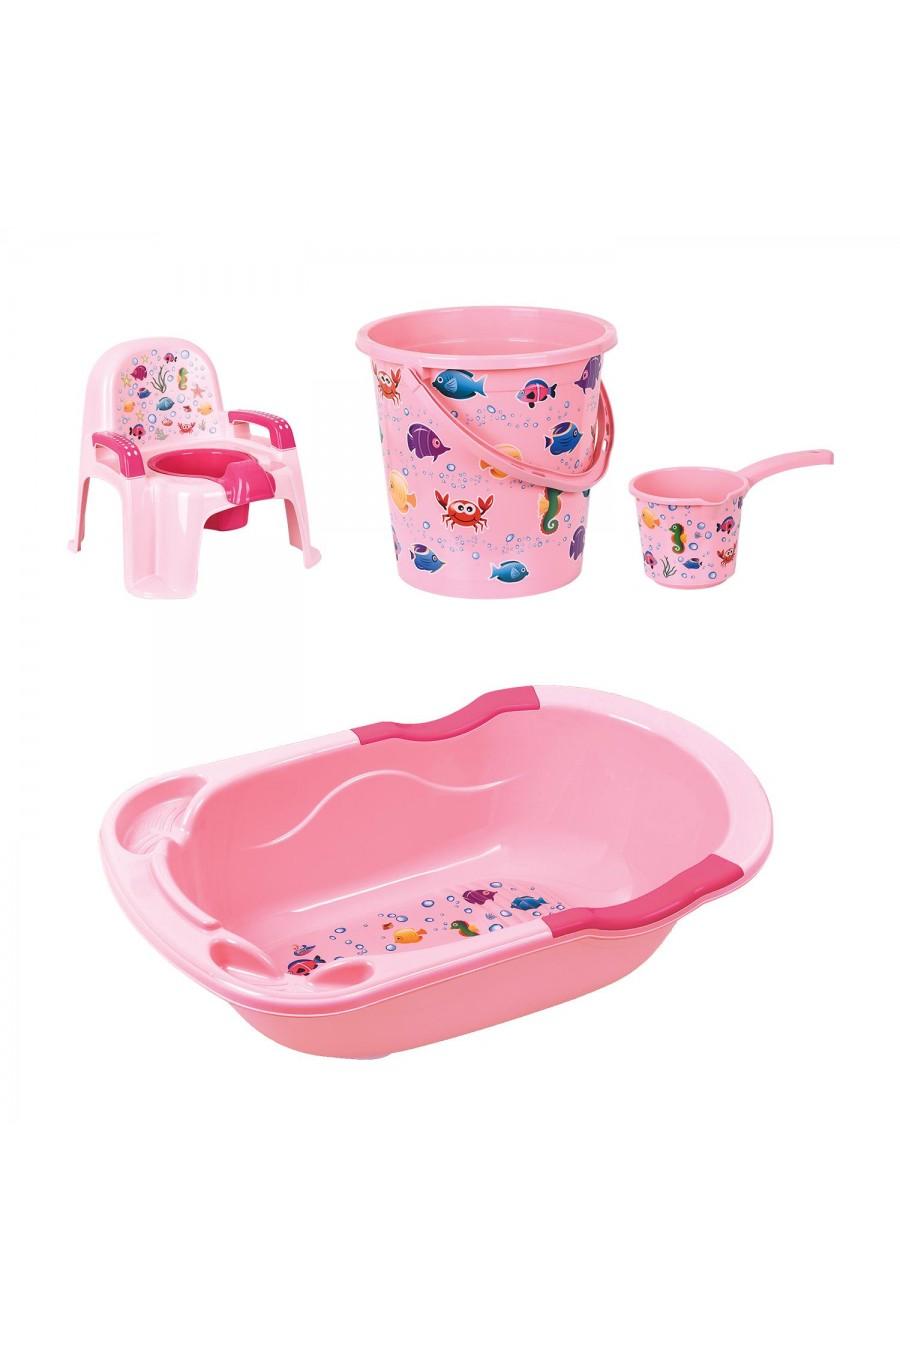 Baby Design Bebek Banyo Seti | Baby set